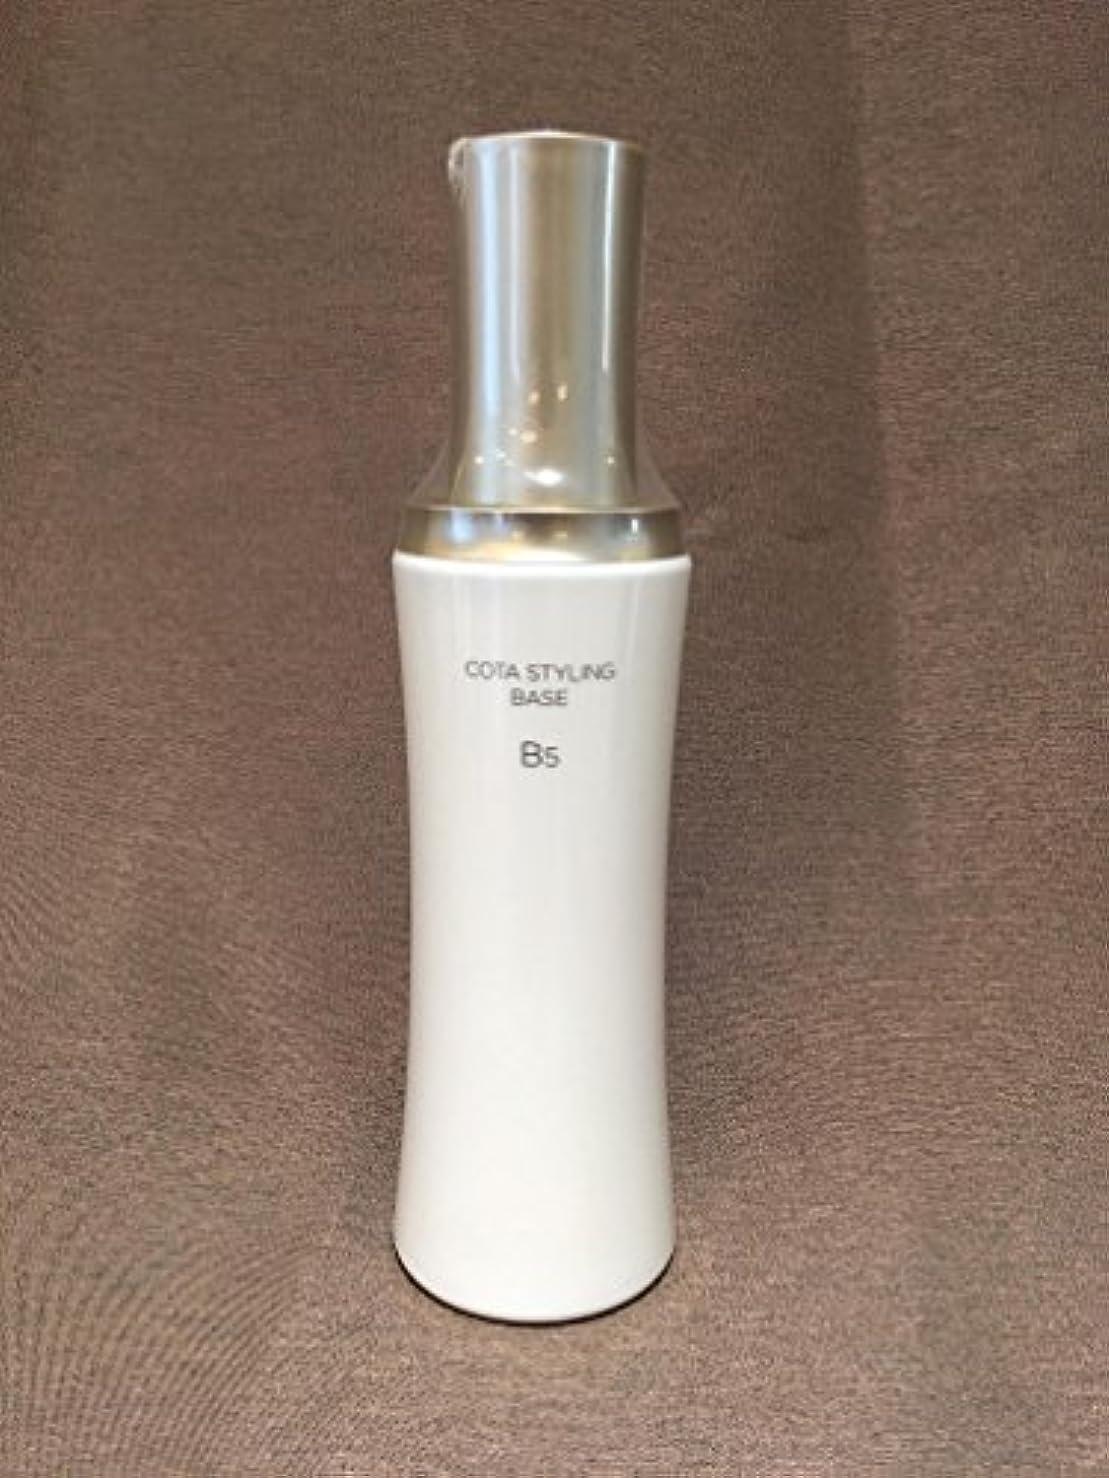 爆発物フェッチラッチコタ スタイリング ベース B5 200g